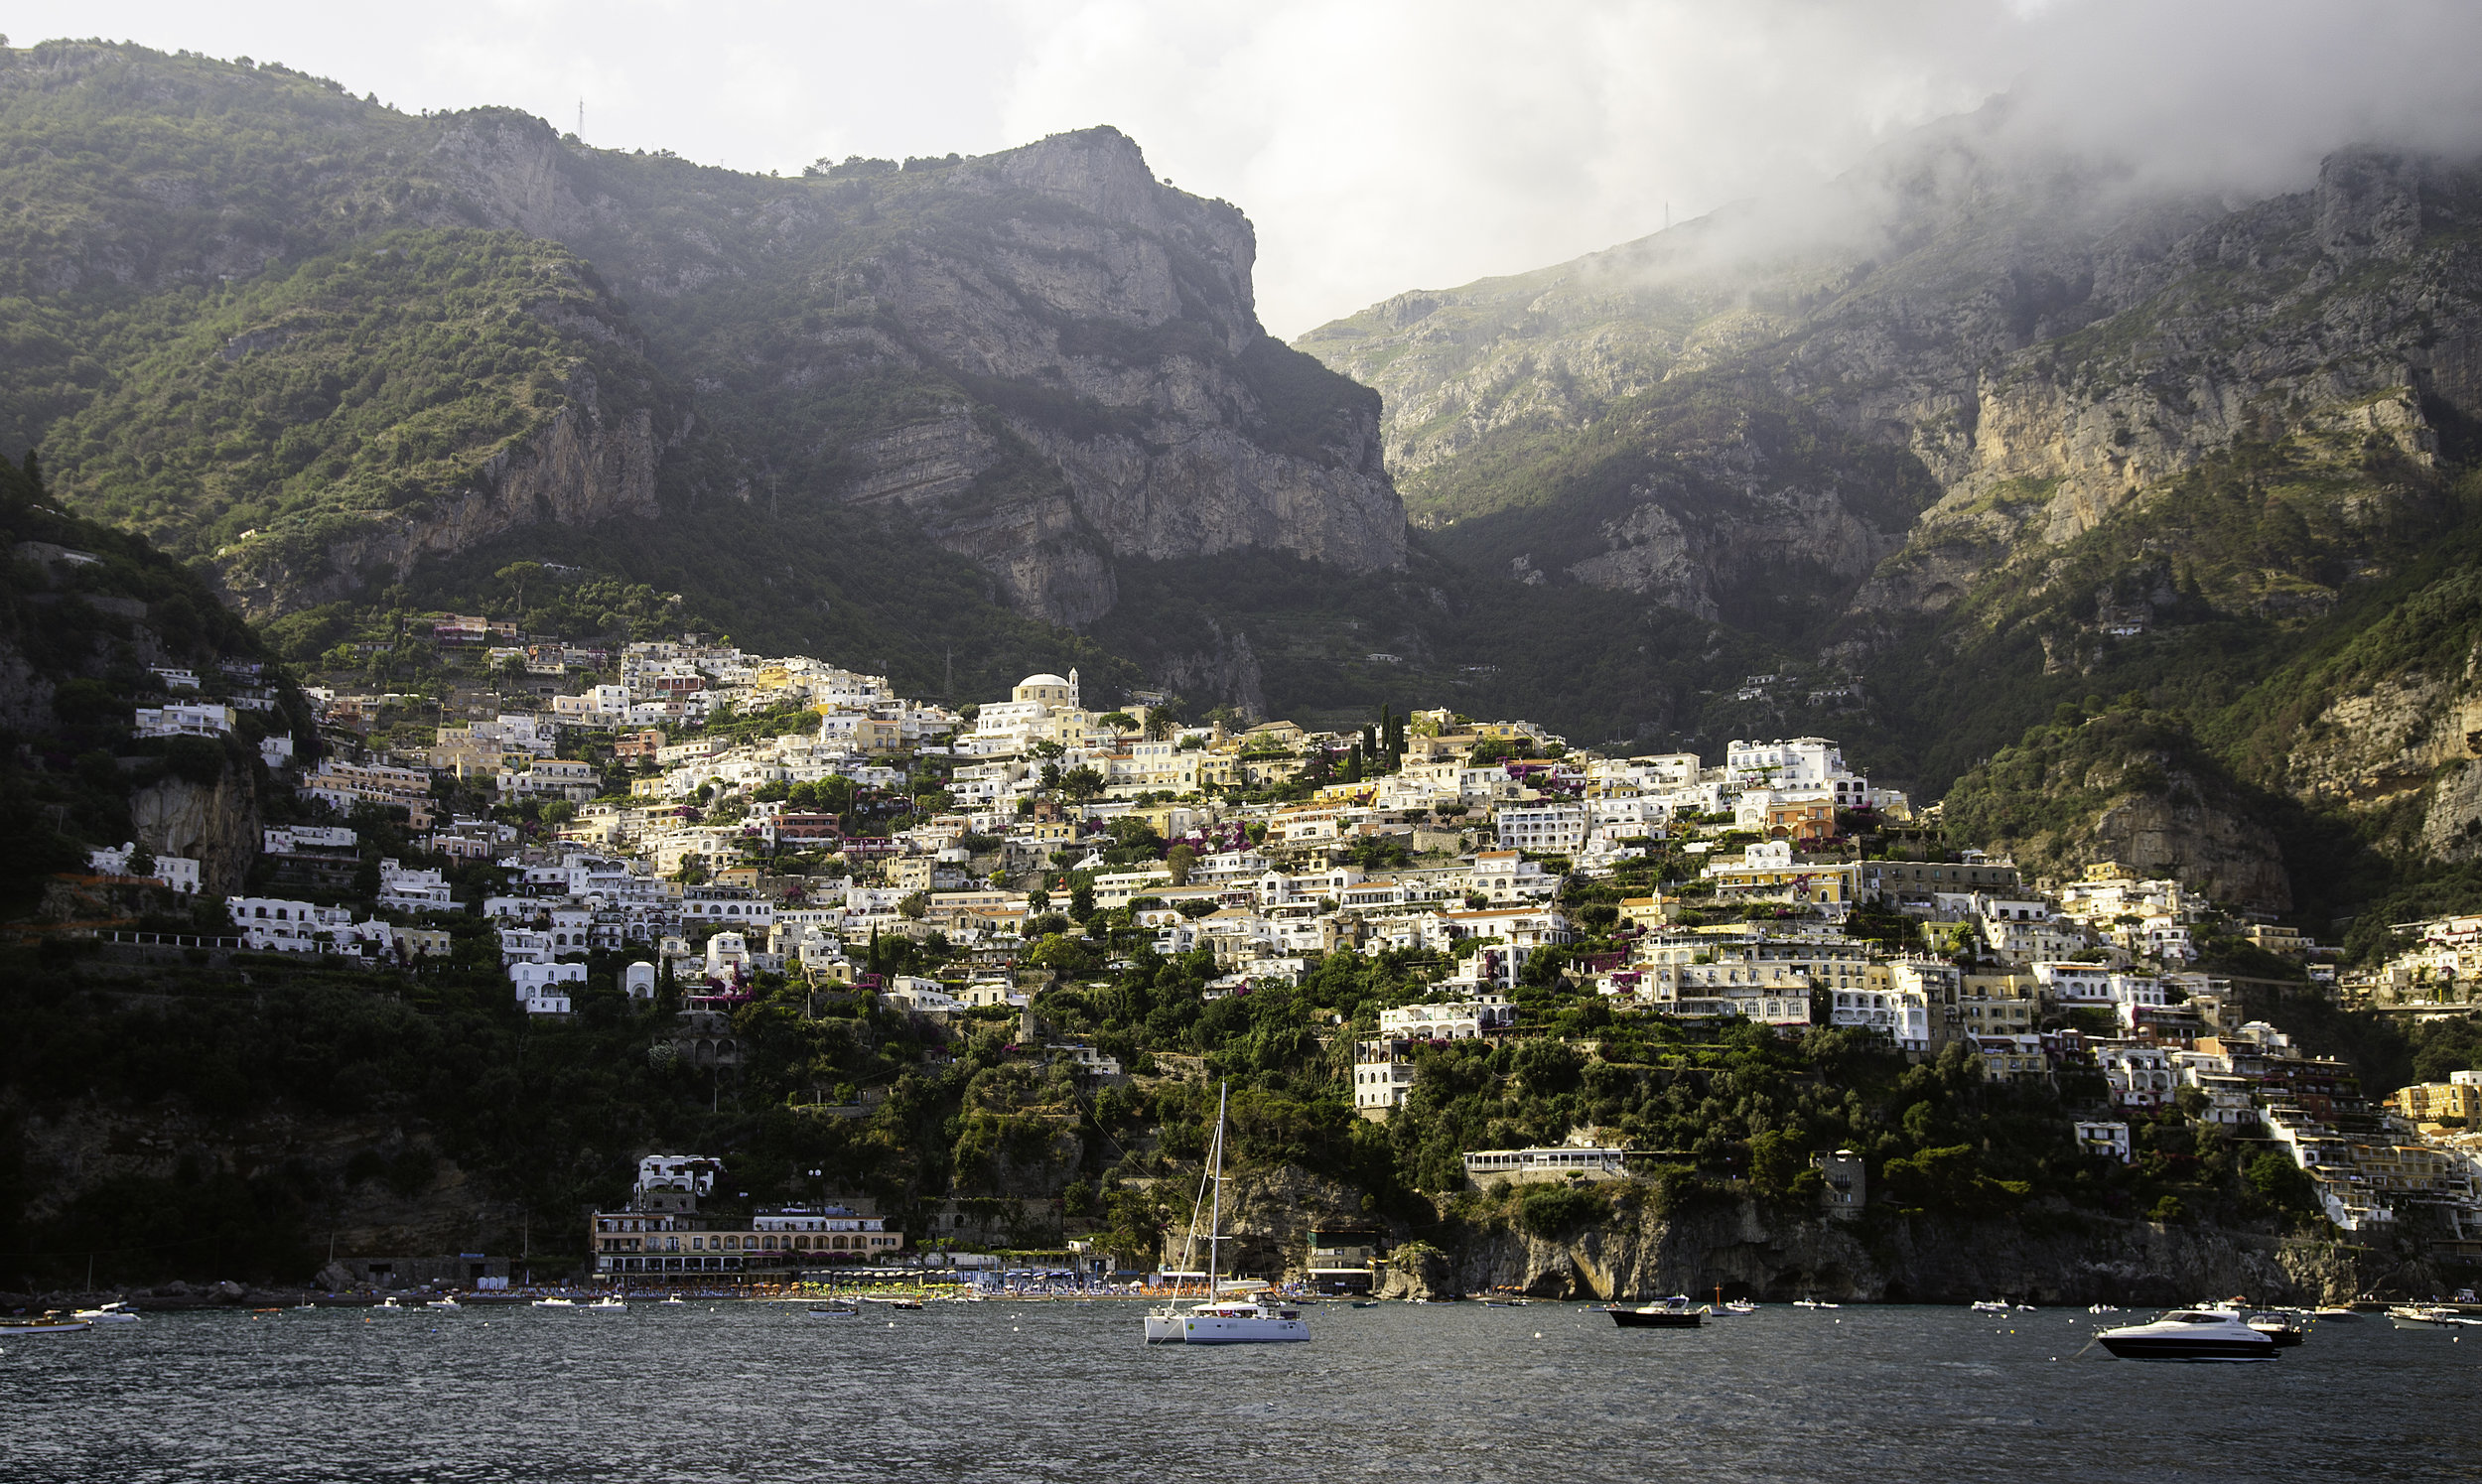 Costa Amalfi - La costa amalfina en Italia es nuestro destino #1 para viajar con Mamá. Desde vistas que te robarán el aliento, hasta los restaurantes familiares que te harán recordar buenos momentos. Este tesoro mediterráneo añadirá un recuerdo inolvidable a tu familia. No olvides quedarte en Positano y visitar los famosos pueblos de Matera y Ravello.